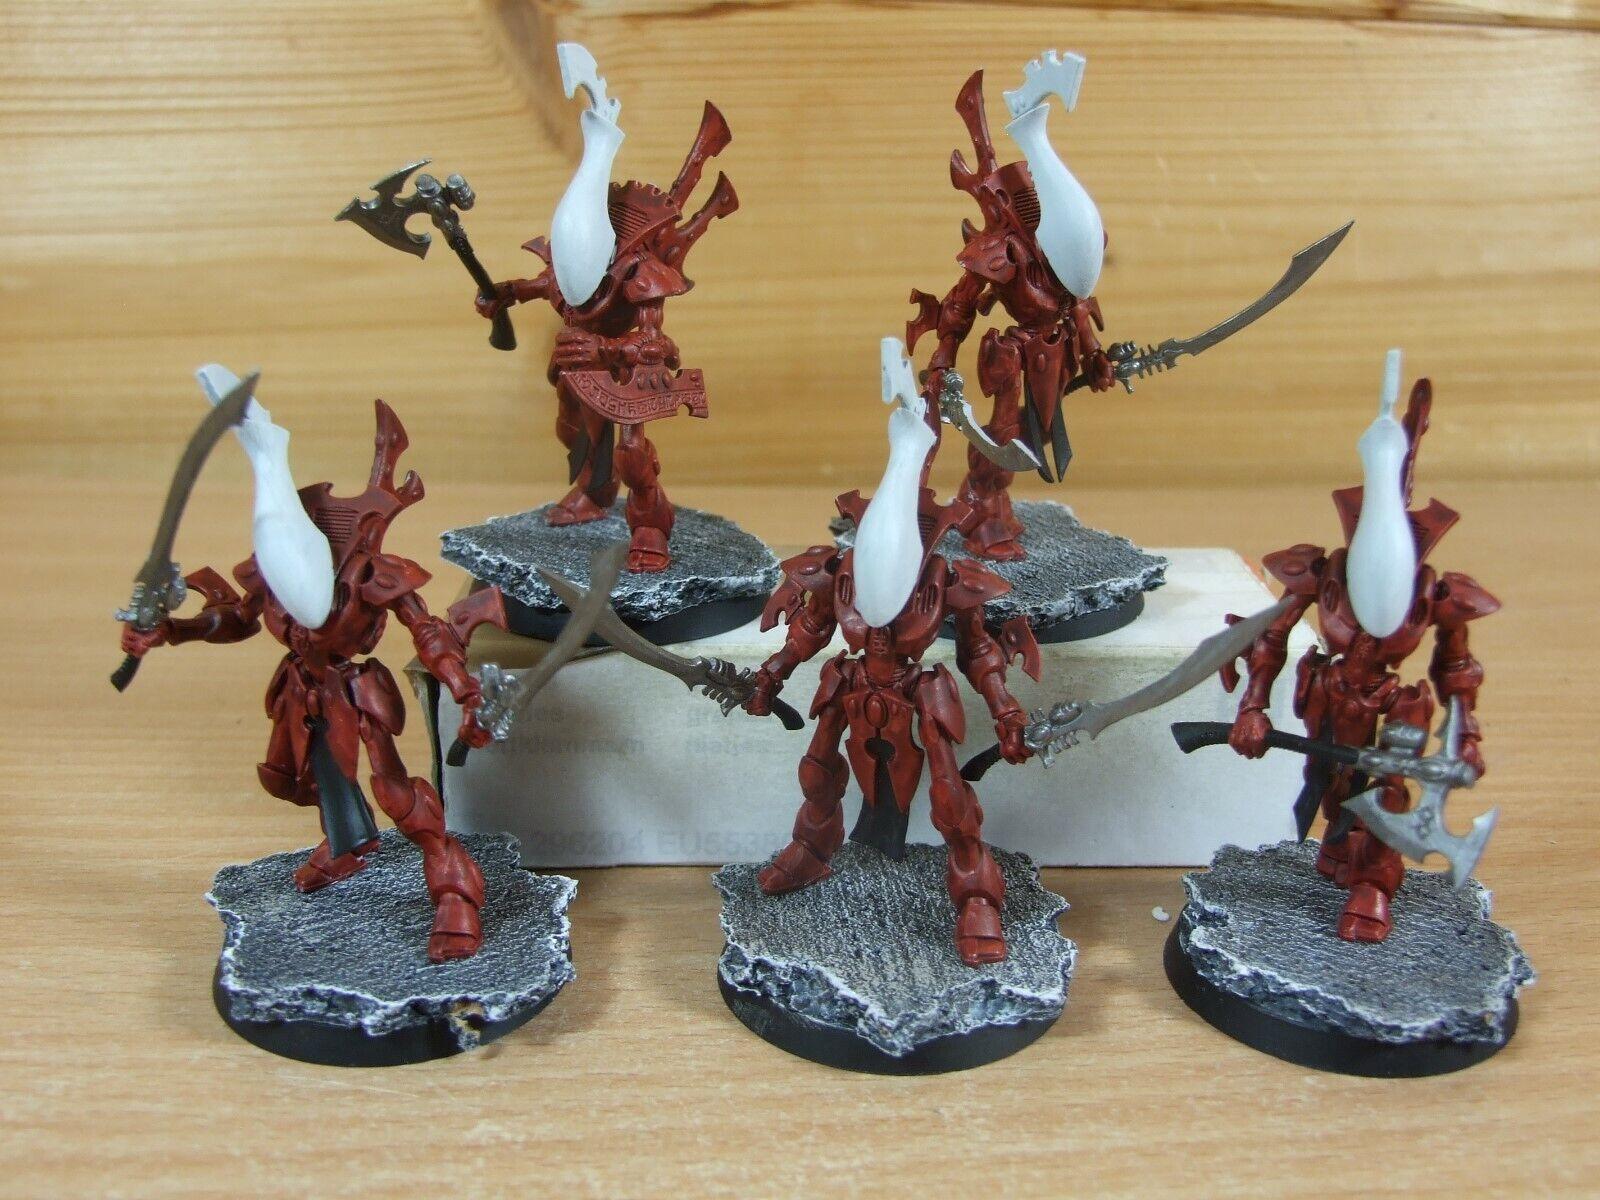 mas preferencial 5 plástico Warhammer Eldar Eldar Eldar wraithblades Pintado (299)  70% de descuento